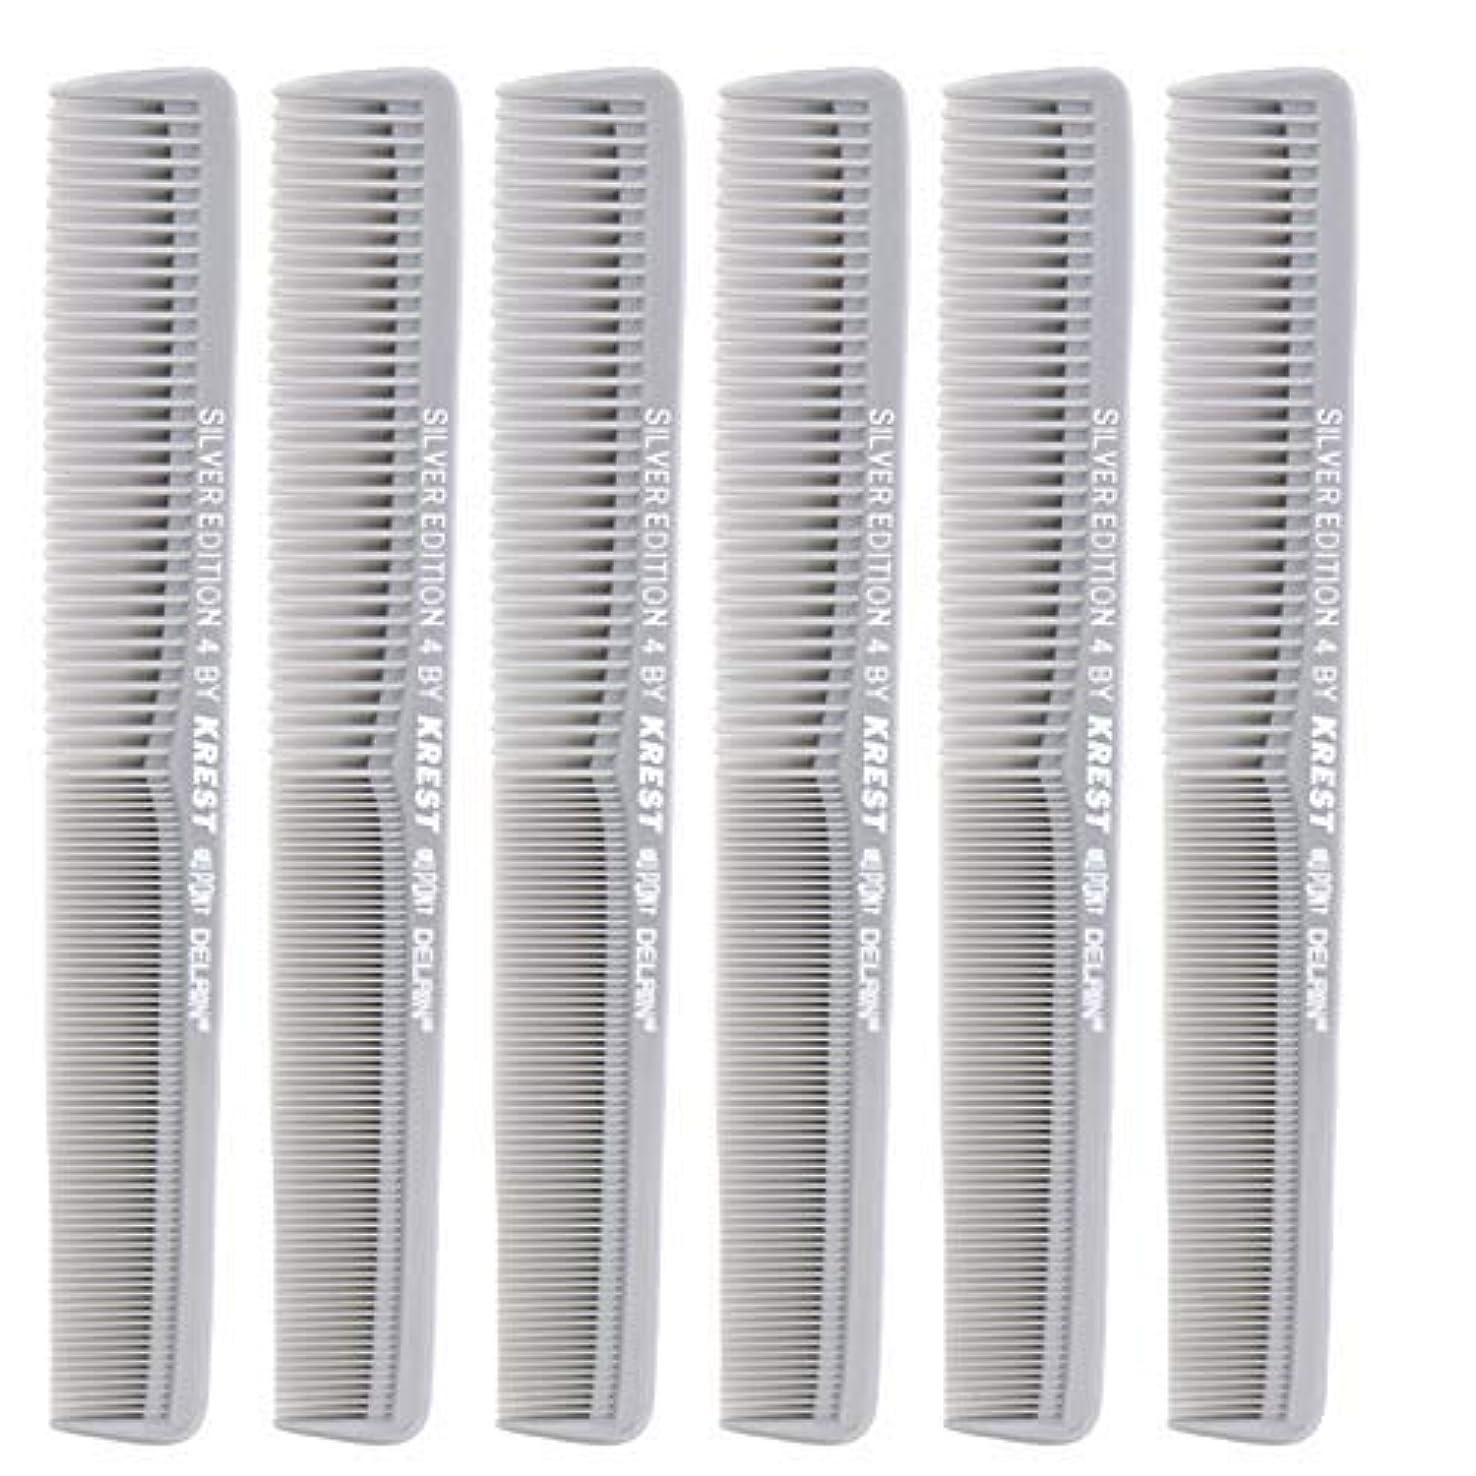 硬いとにかく相互接続7 In. Silver Edition Heat Resistant All Purpose Hair Comb Model #4 Krest Comb, [並行輸入品]